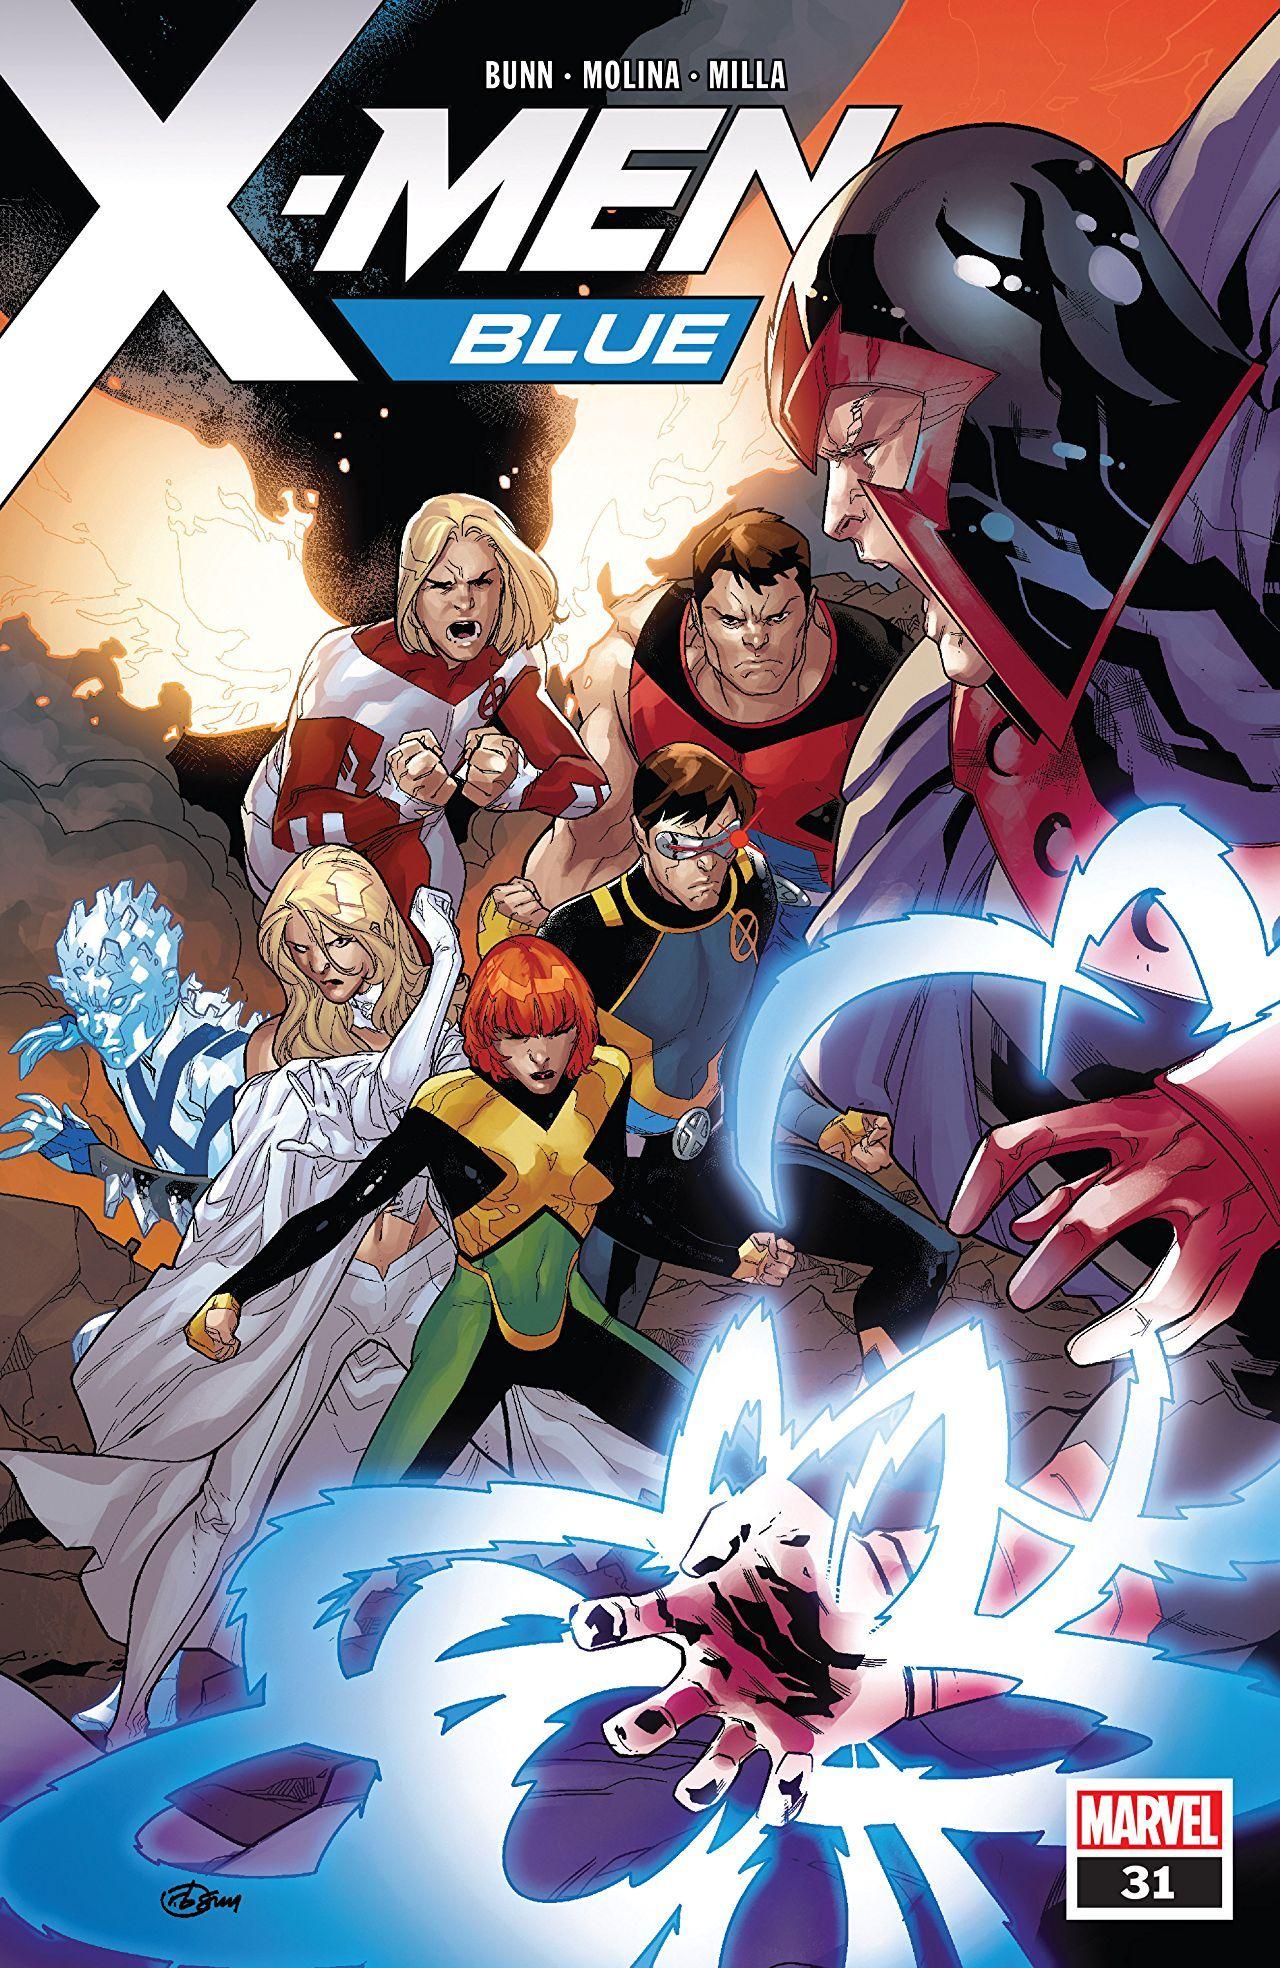 All New X Men 2015 2017 10 Comics By Comixology In 2020 X Men Comics Marvel Comics Art